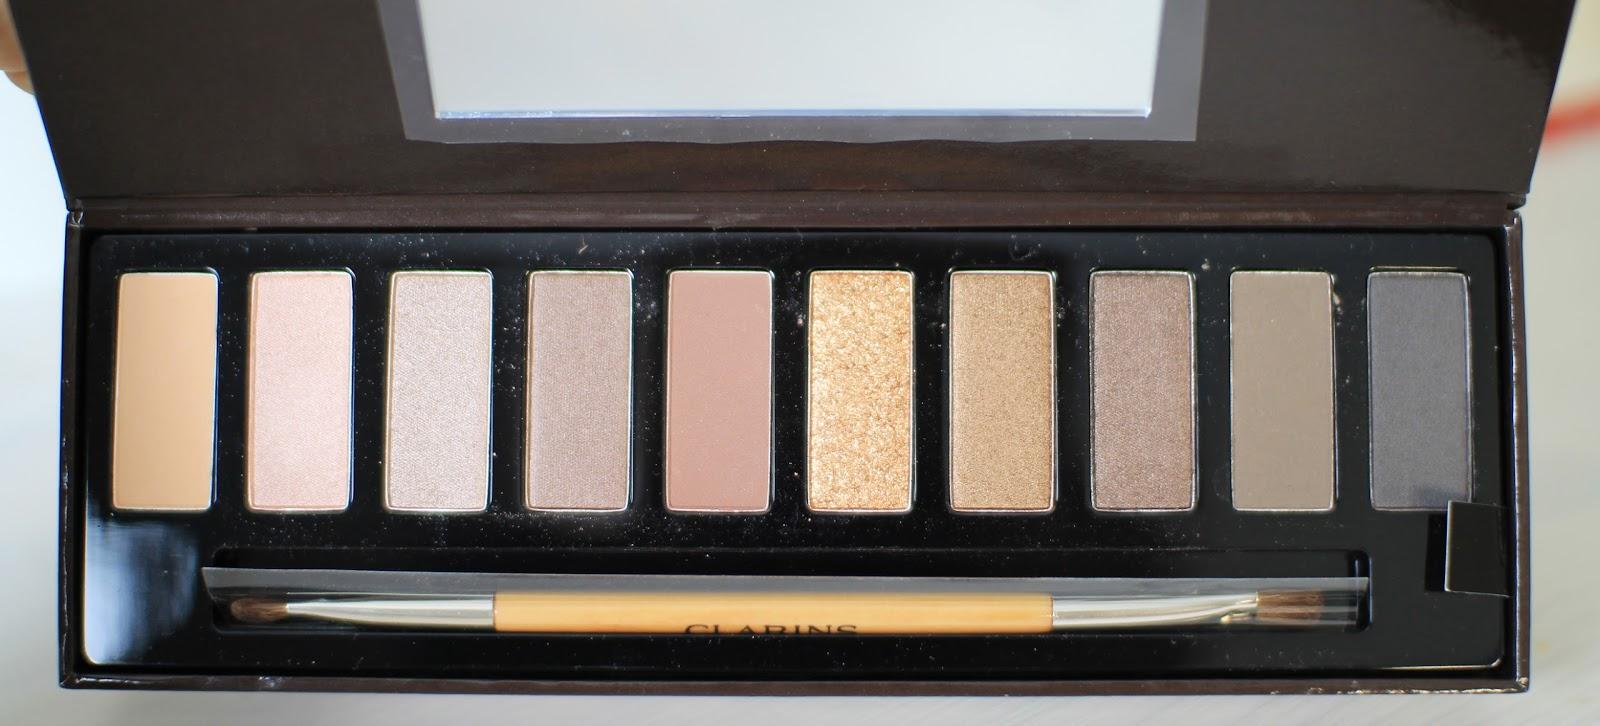 The Clarins Essentials Palette